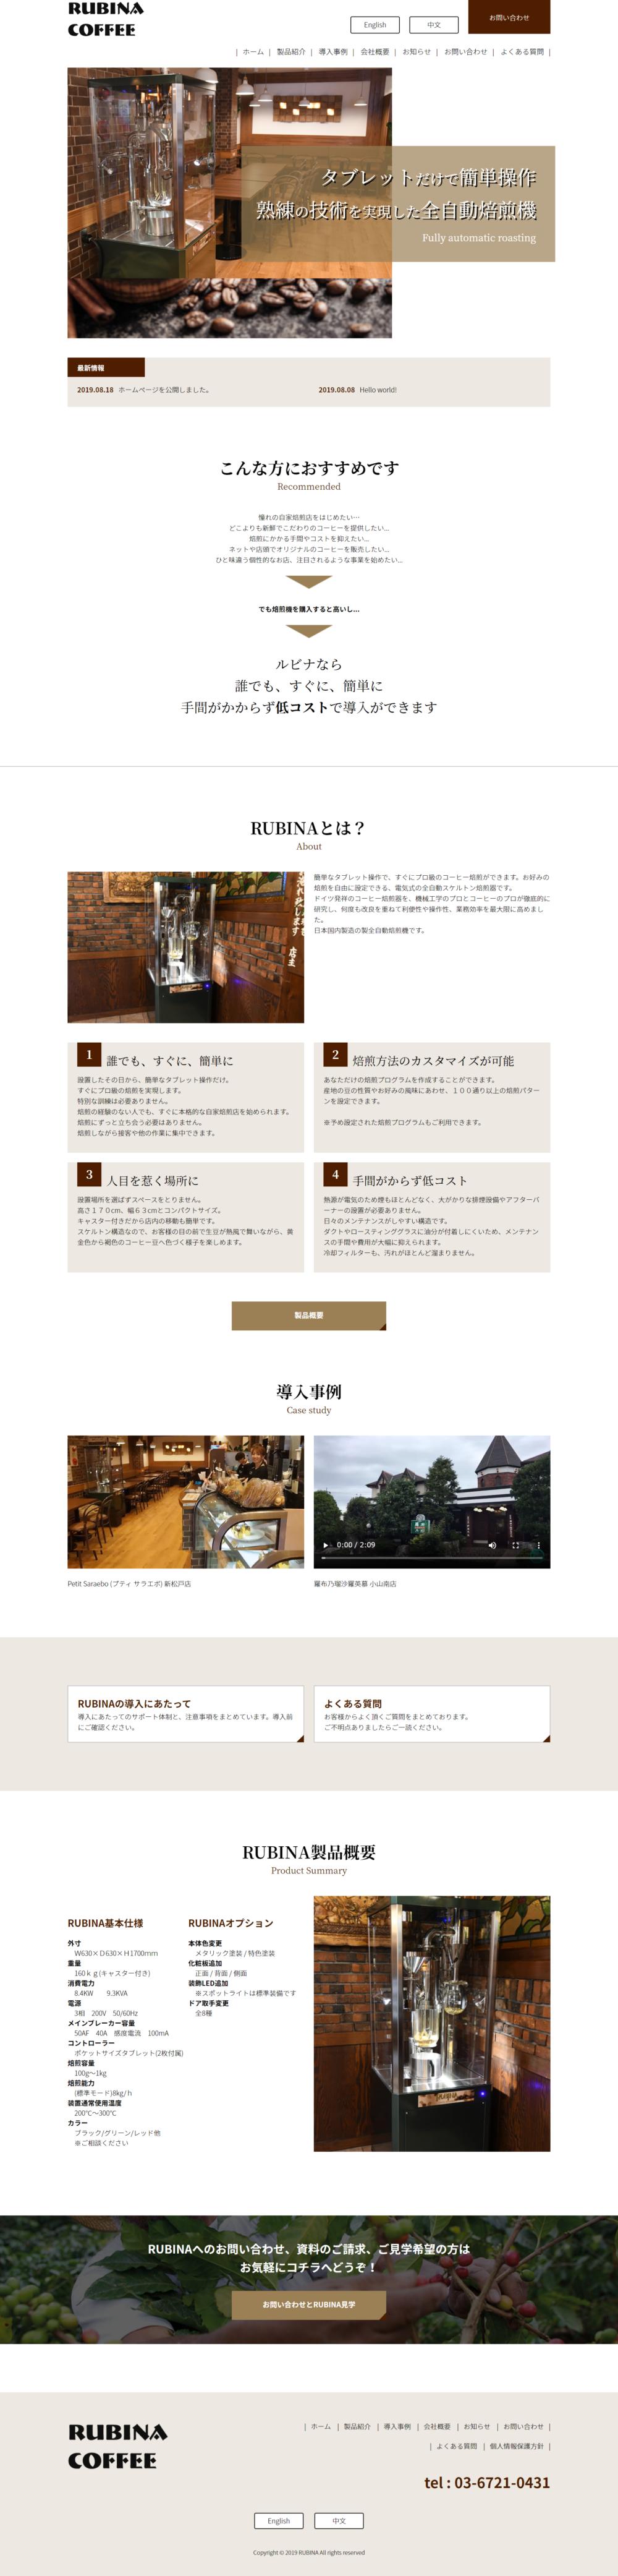 【ホームページ制作事例】ヴィディヤコーヒー株式会社/東京都港区西麻布,飲食